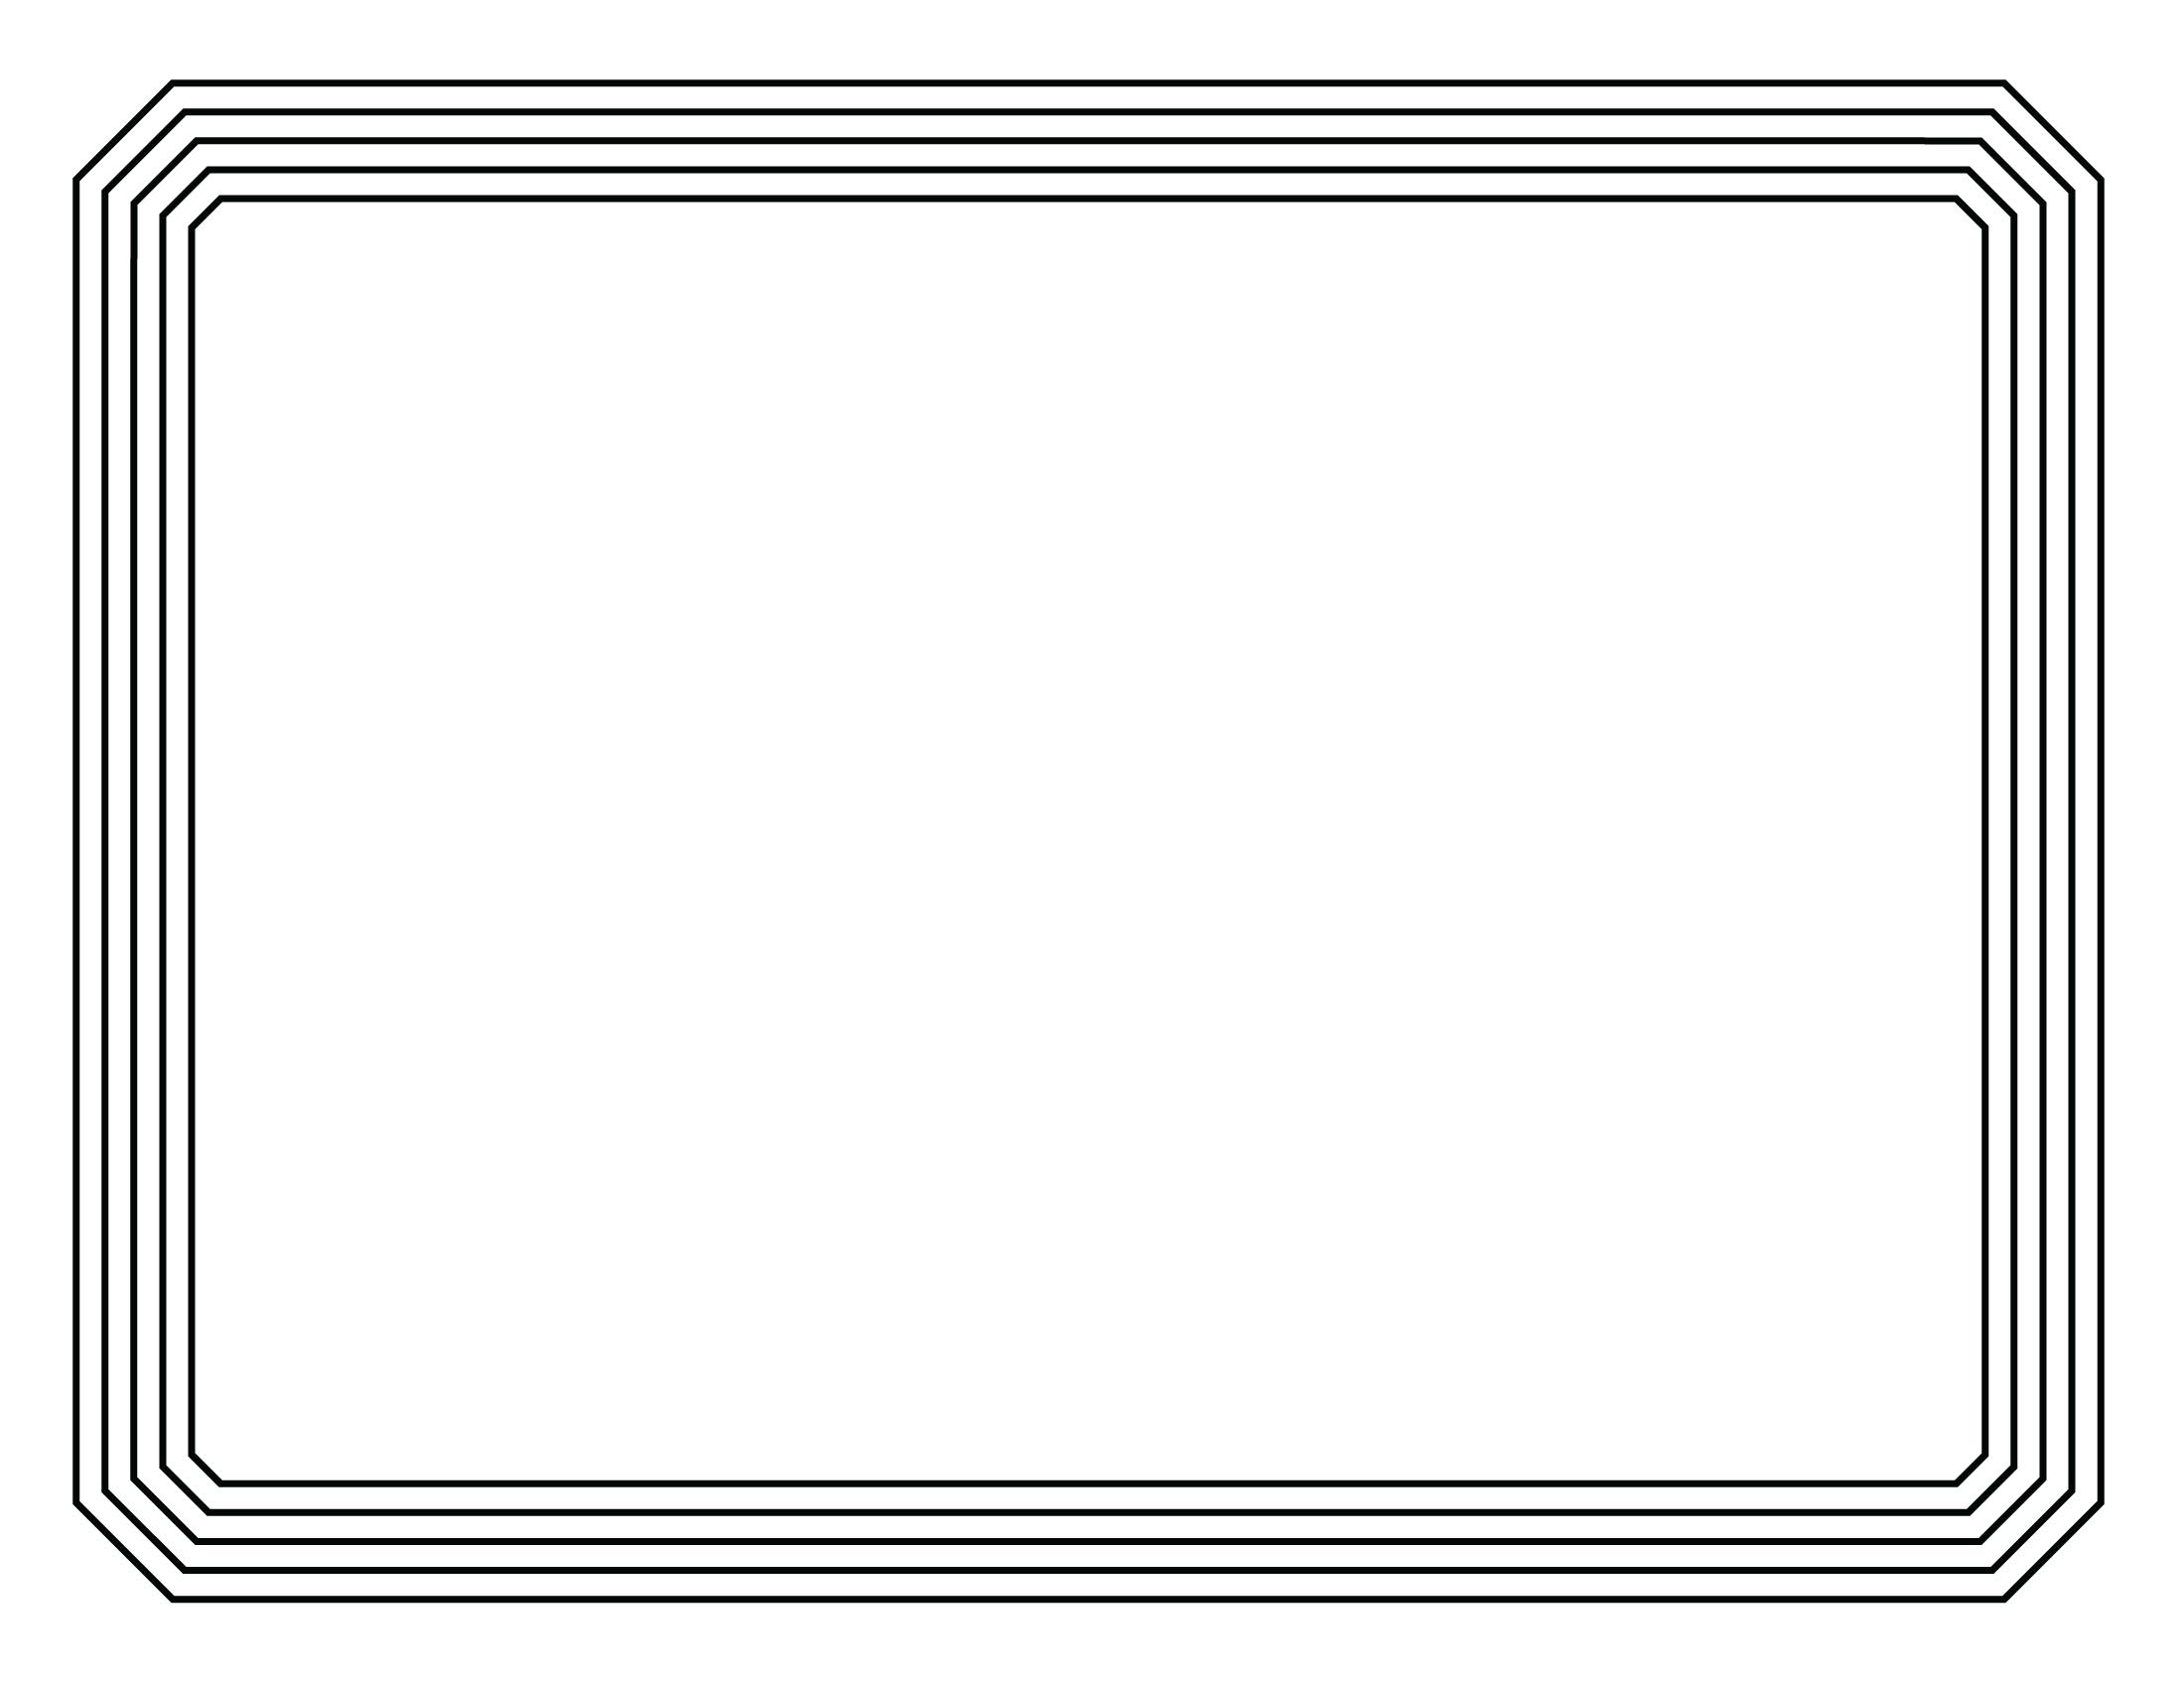 Basketball border for microsoft word